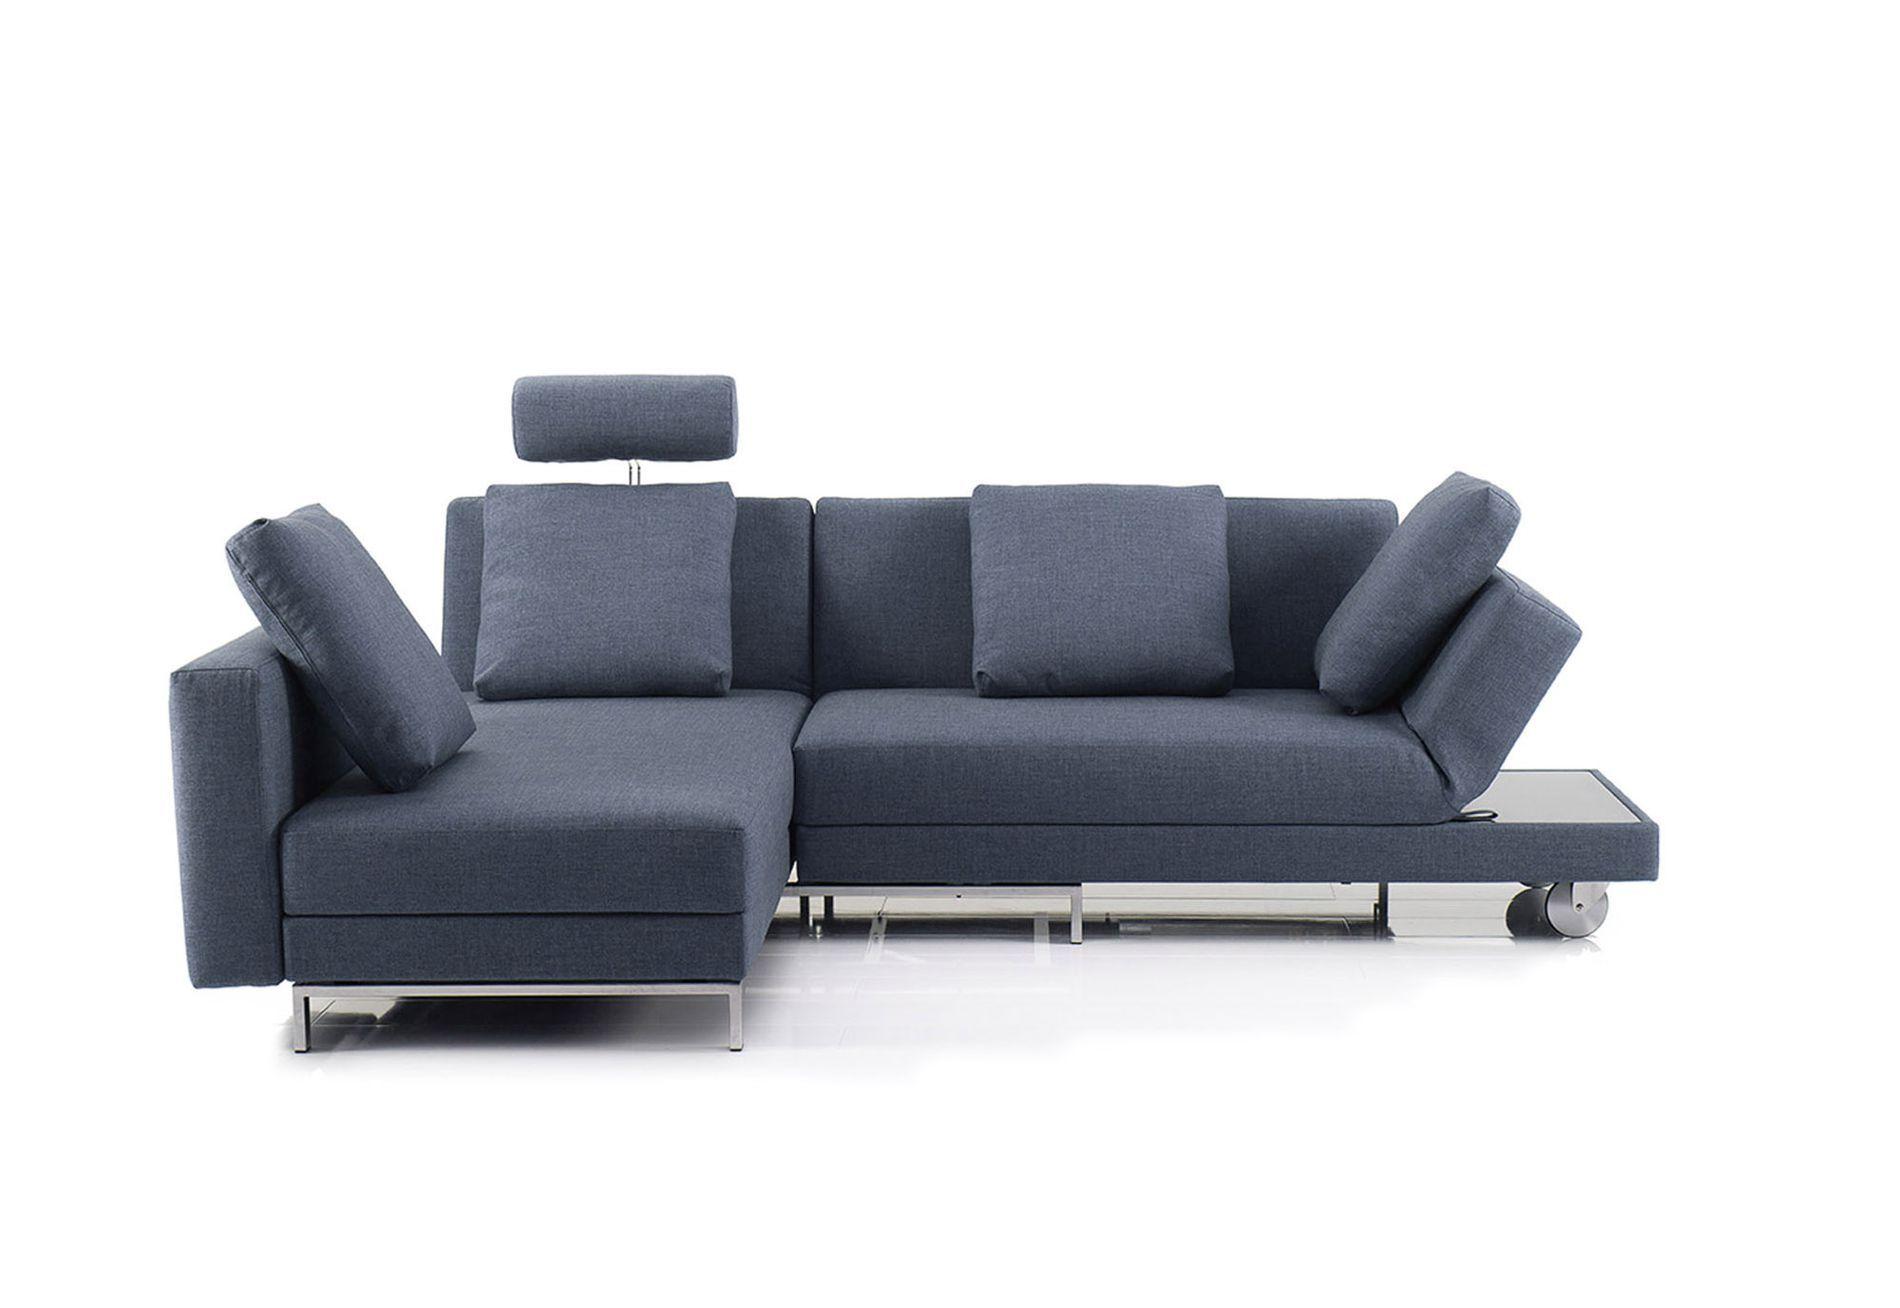 sofa zum liegen und sitzen wohn design. Black Bedroom Furniture Sets. Home Design Ideas